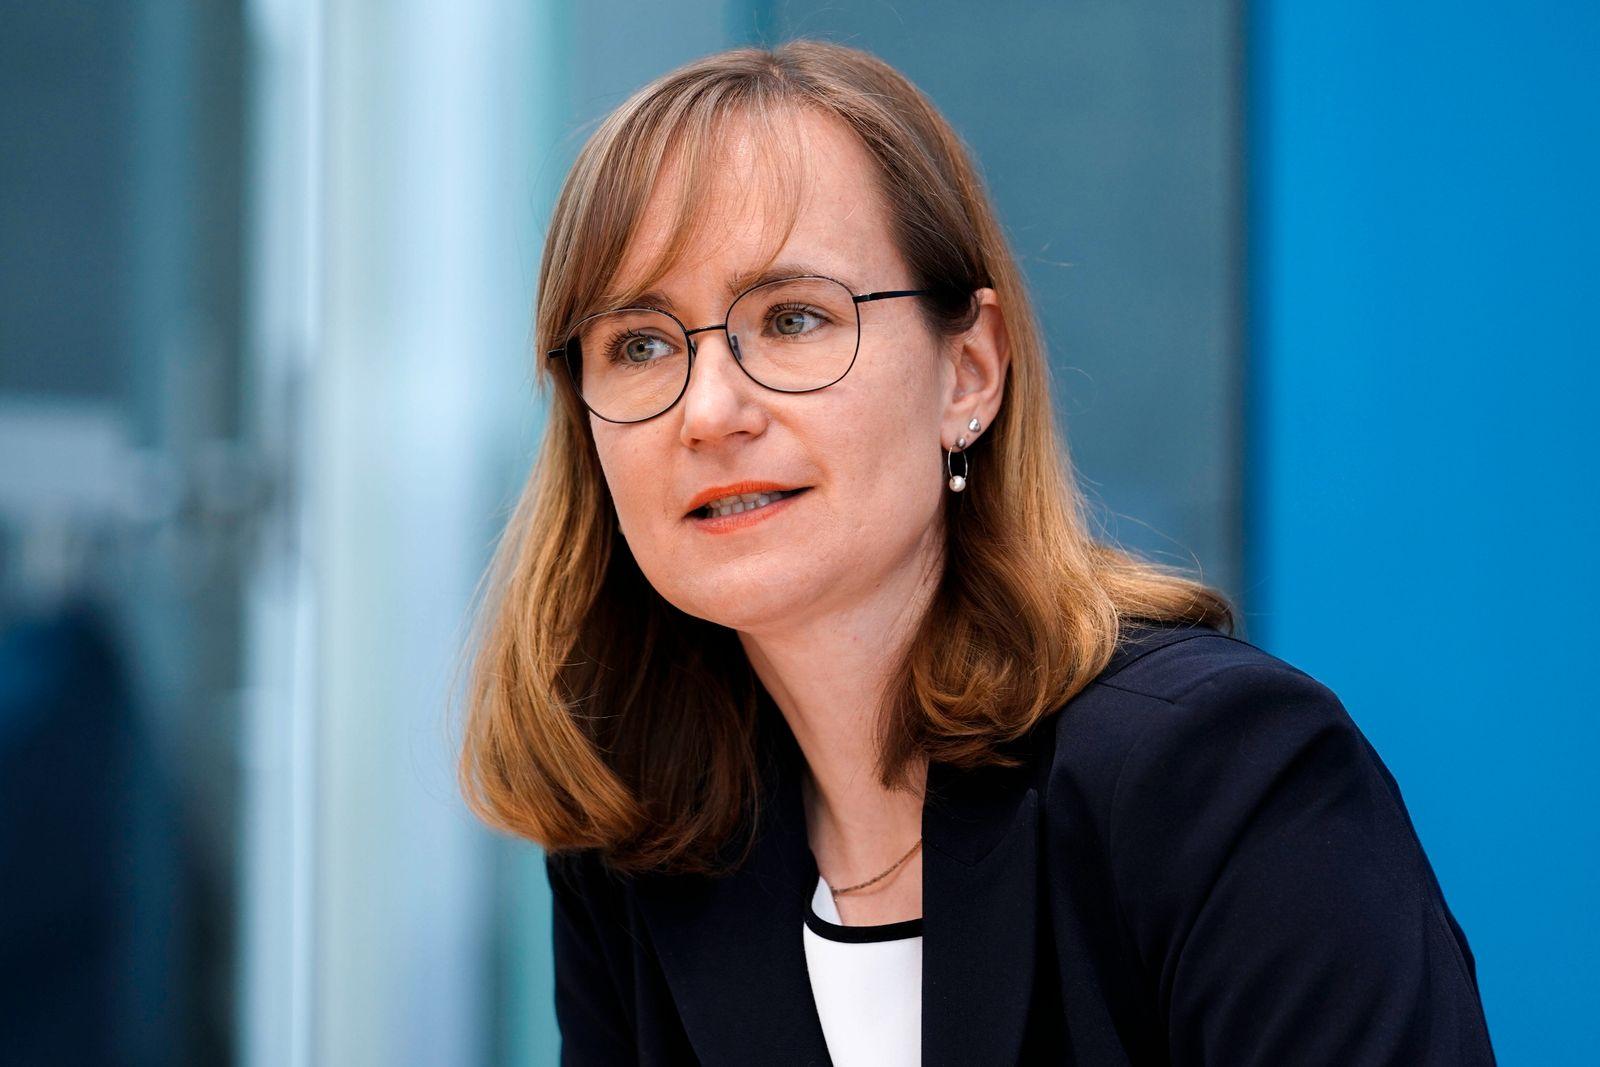 Bundespressekonferenz Zukunftsinvestitionen - Wiedererhebung der Vermoegensteuer Aktuell, 24.03.2021, Berlin, Eva von A